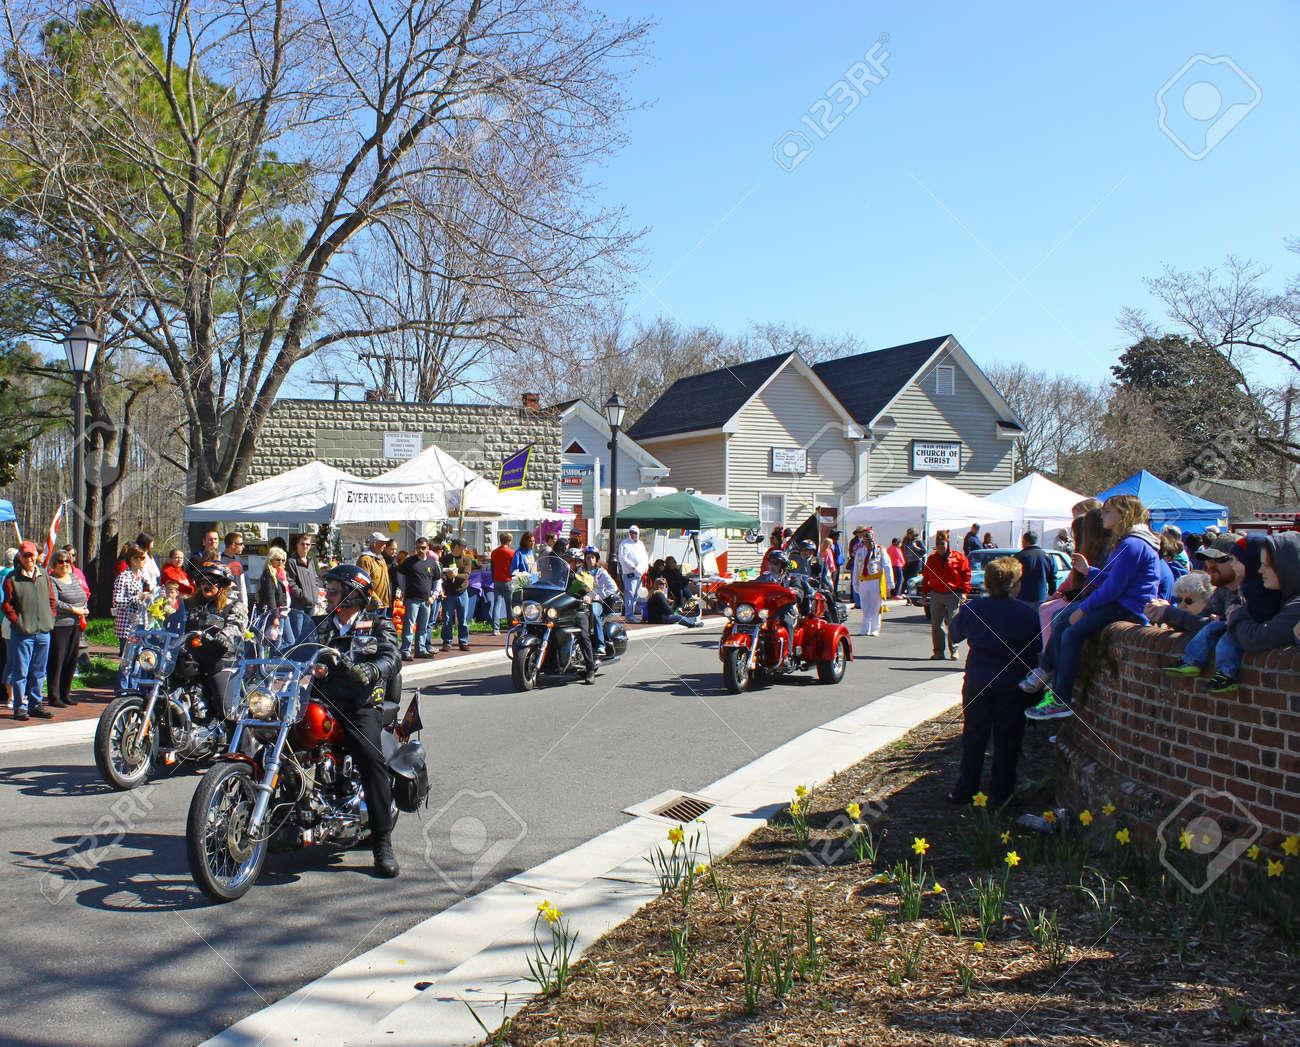 ... Virginie - 6 Avril  Hampton Roads Harley à La Parade De La Jonquille,  Le 6 Avril 2013, à Gloucester, En Virginie. Dans Sa 27e Année, Le Défilé  Annonce ... 5283d0874e8e